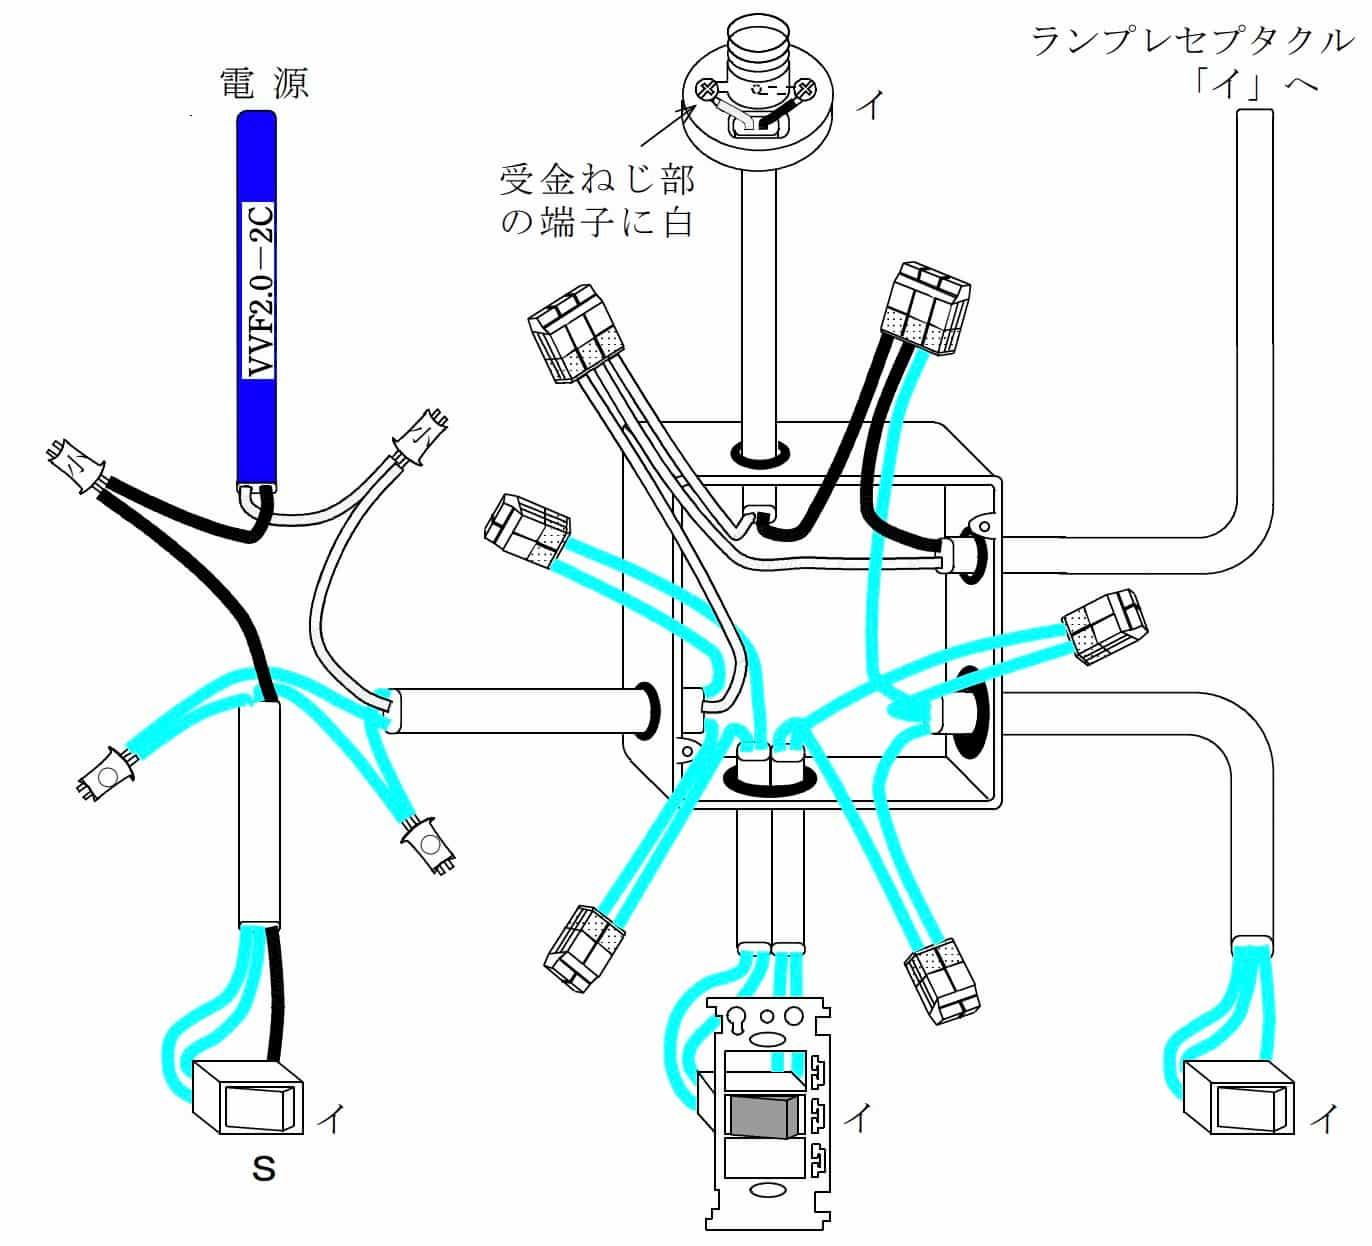 第二種電気工事士の技能試験の試験問題No.7の概念図